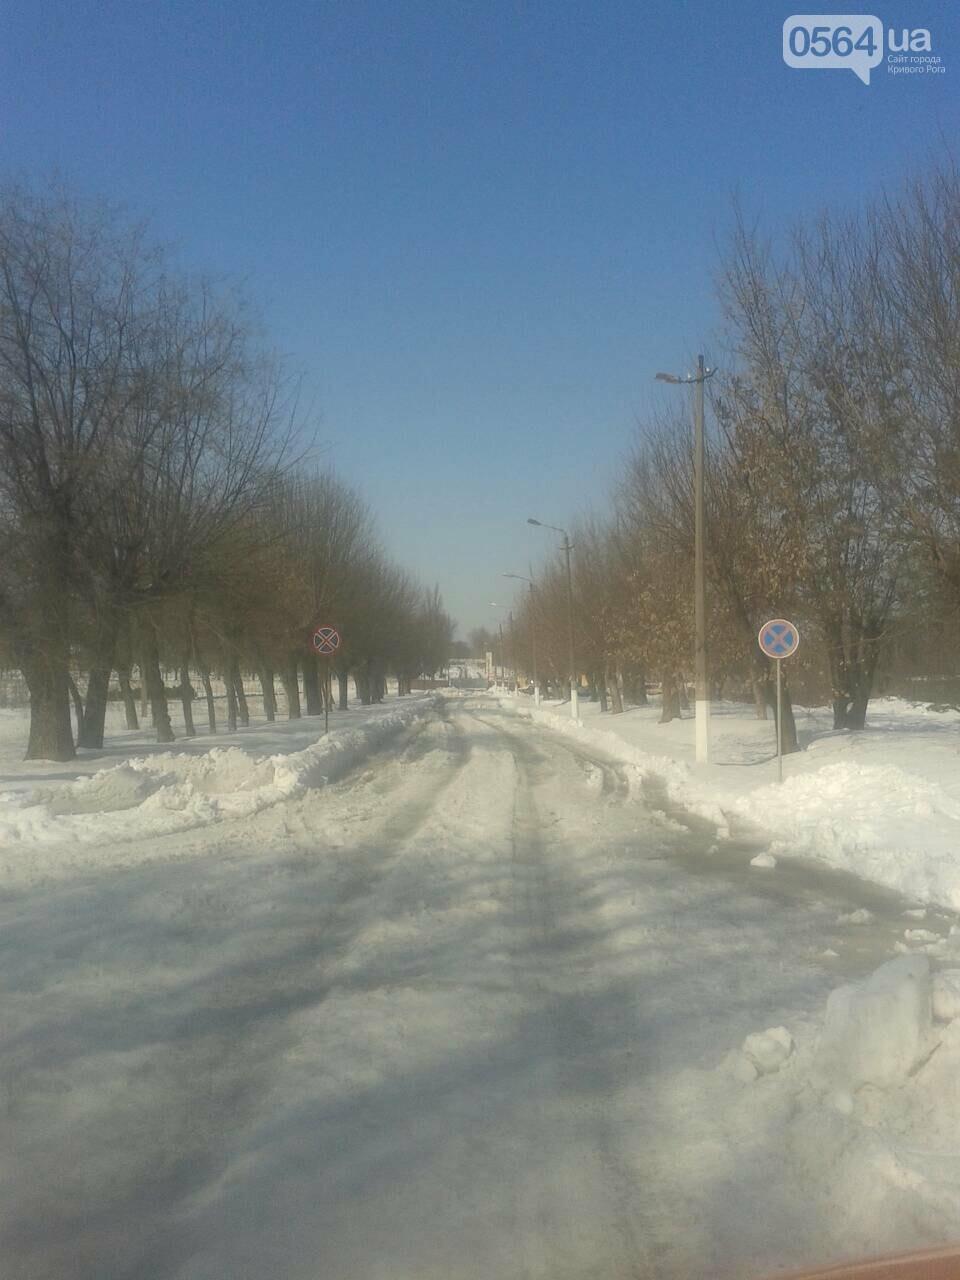 Внимание, гололед: В Кривом Роге проезжая часть для пешеходов безопаснее, чем тротуары (ФОТО), фото-18